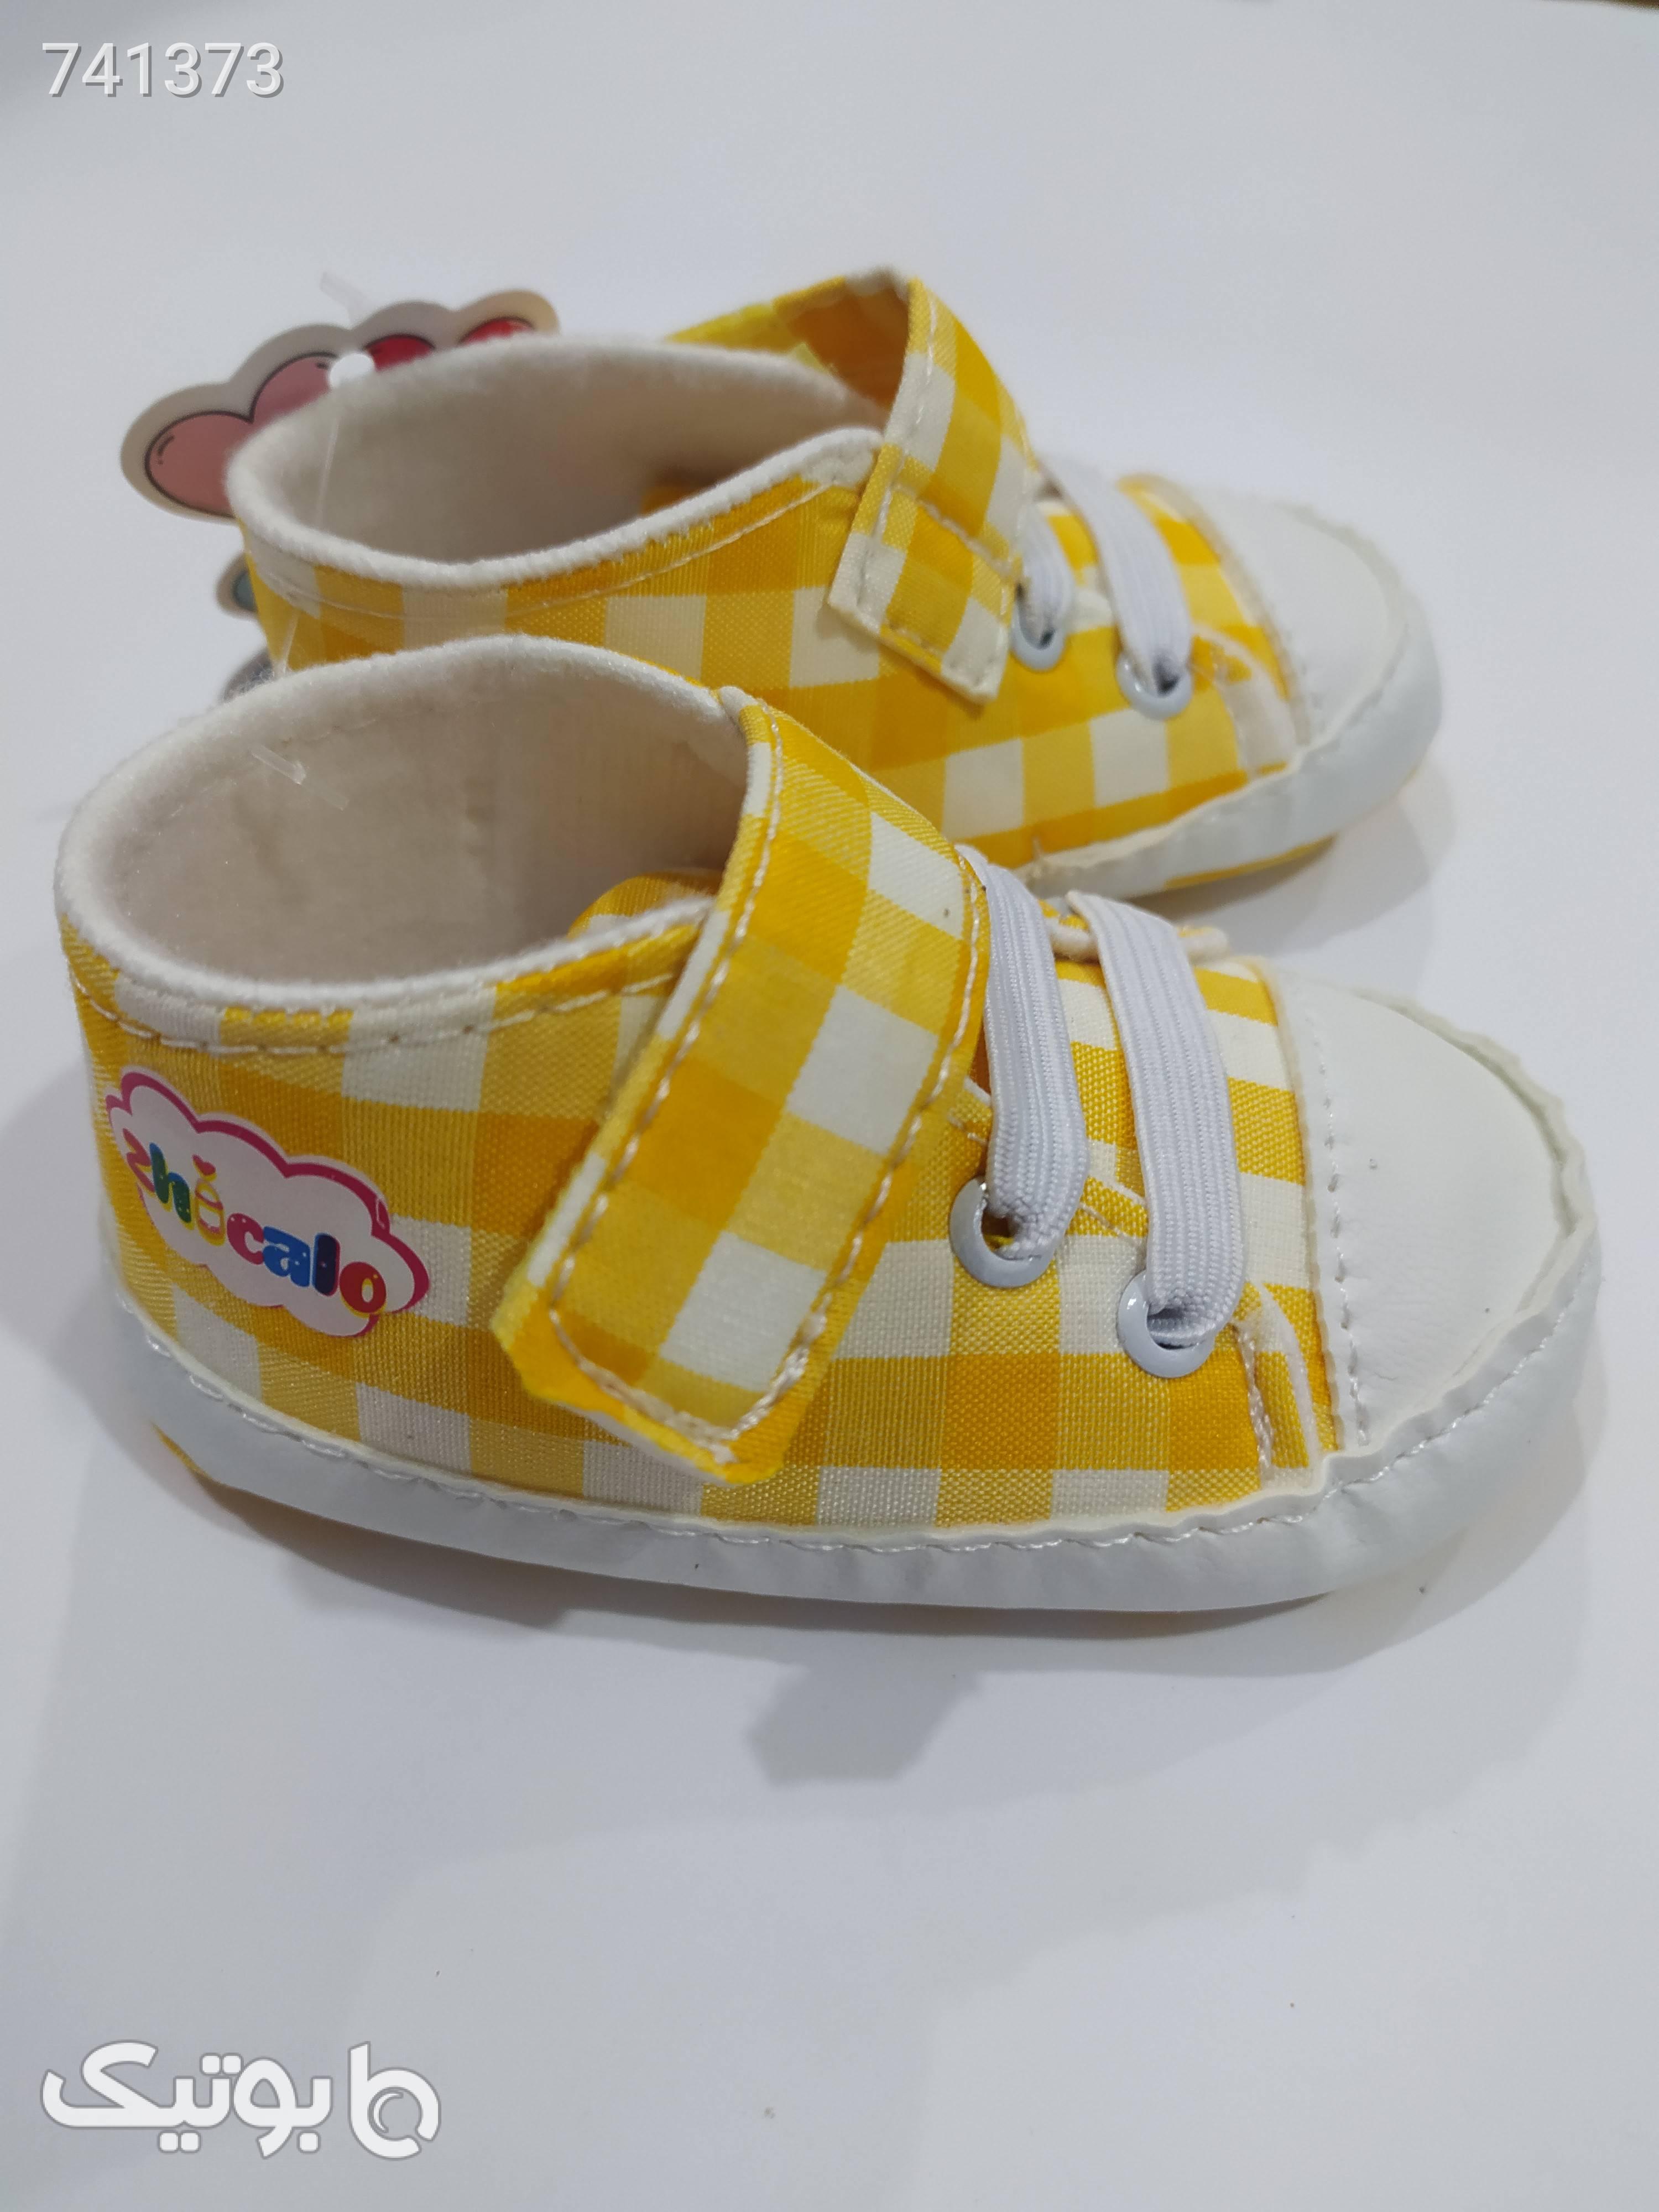 پاپوش شیک محصول جدید آنیل زرد کیف و کفش بچگانه